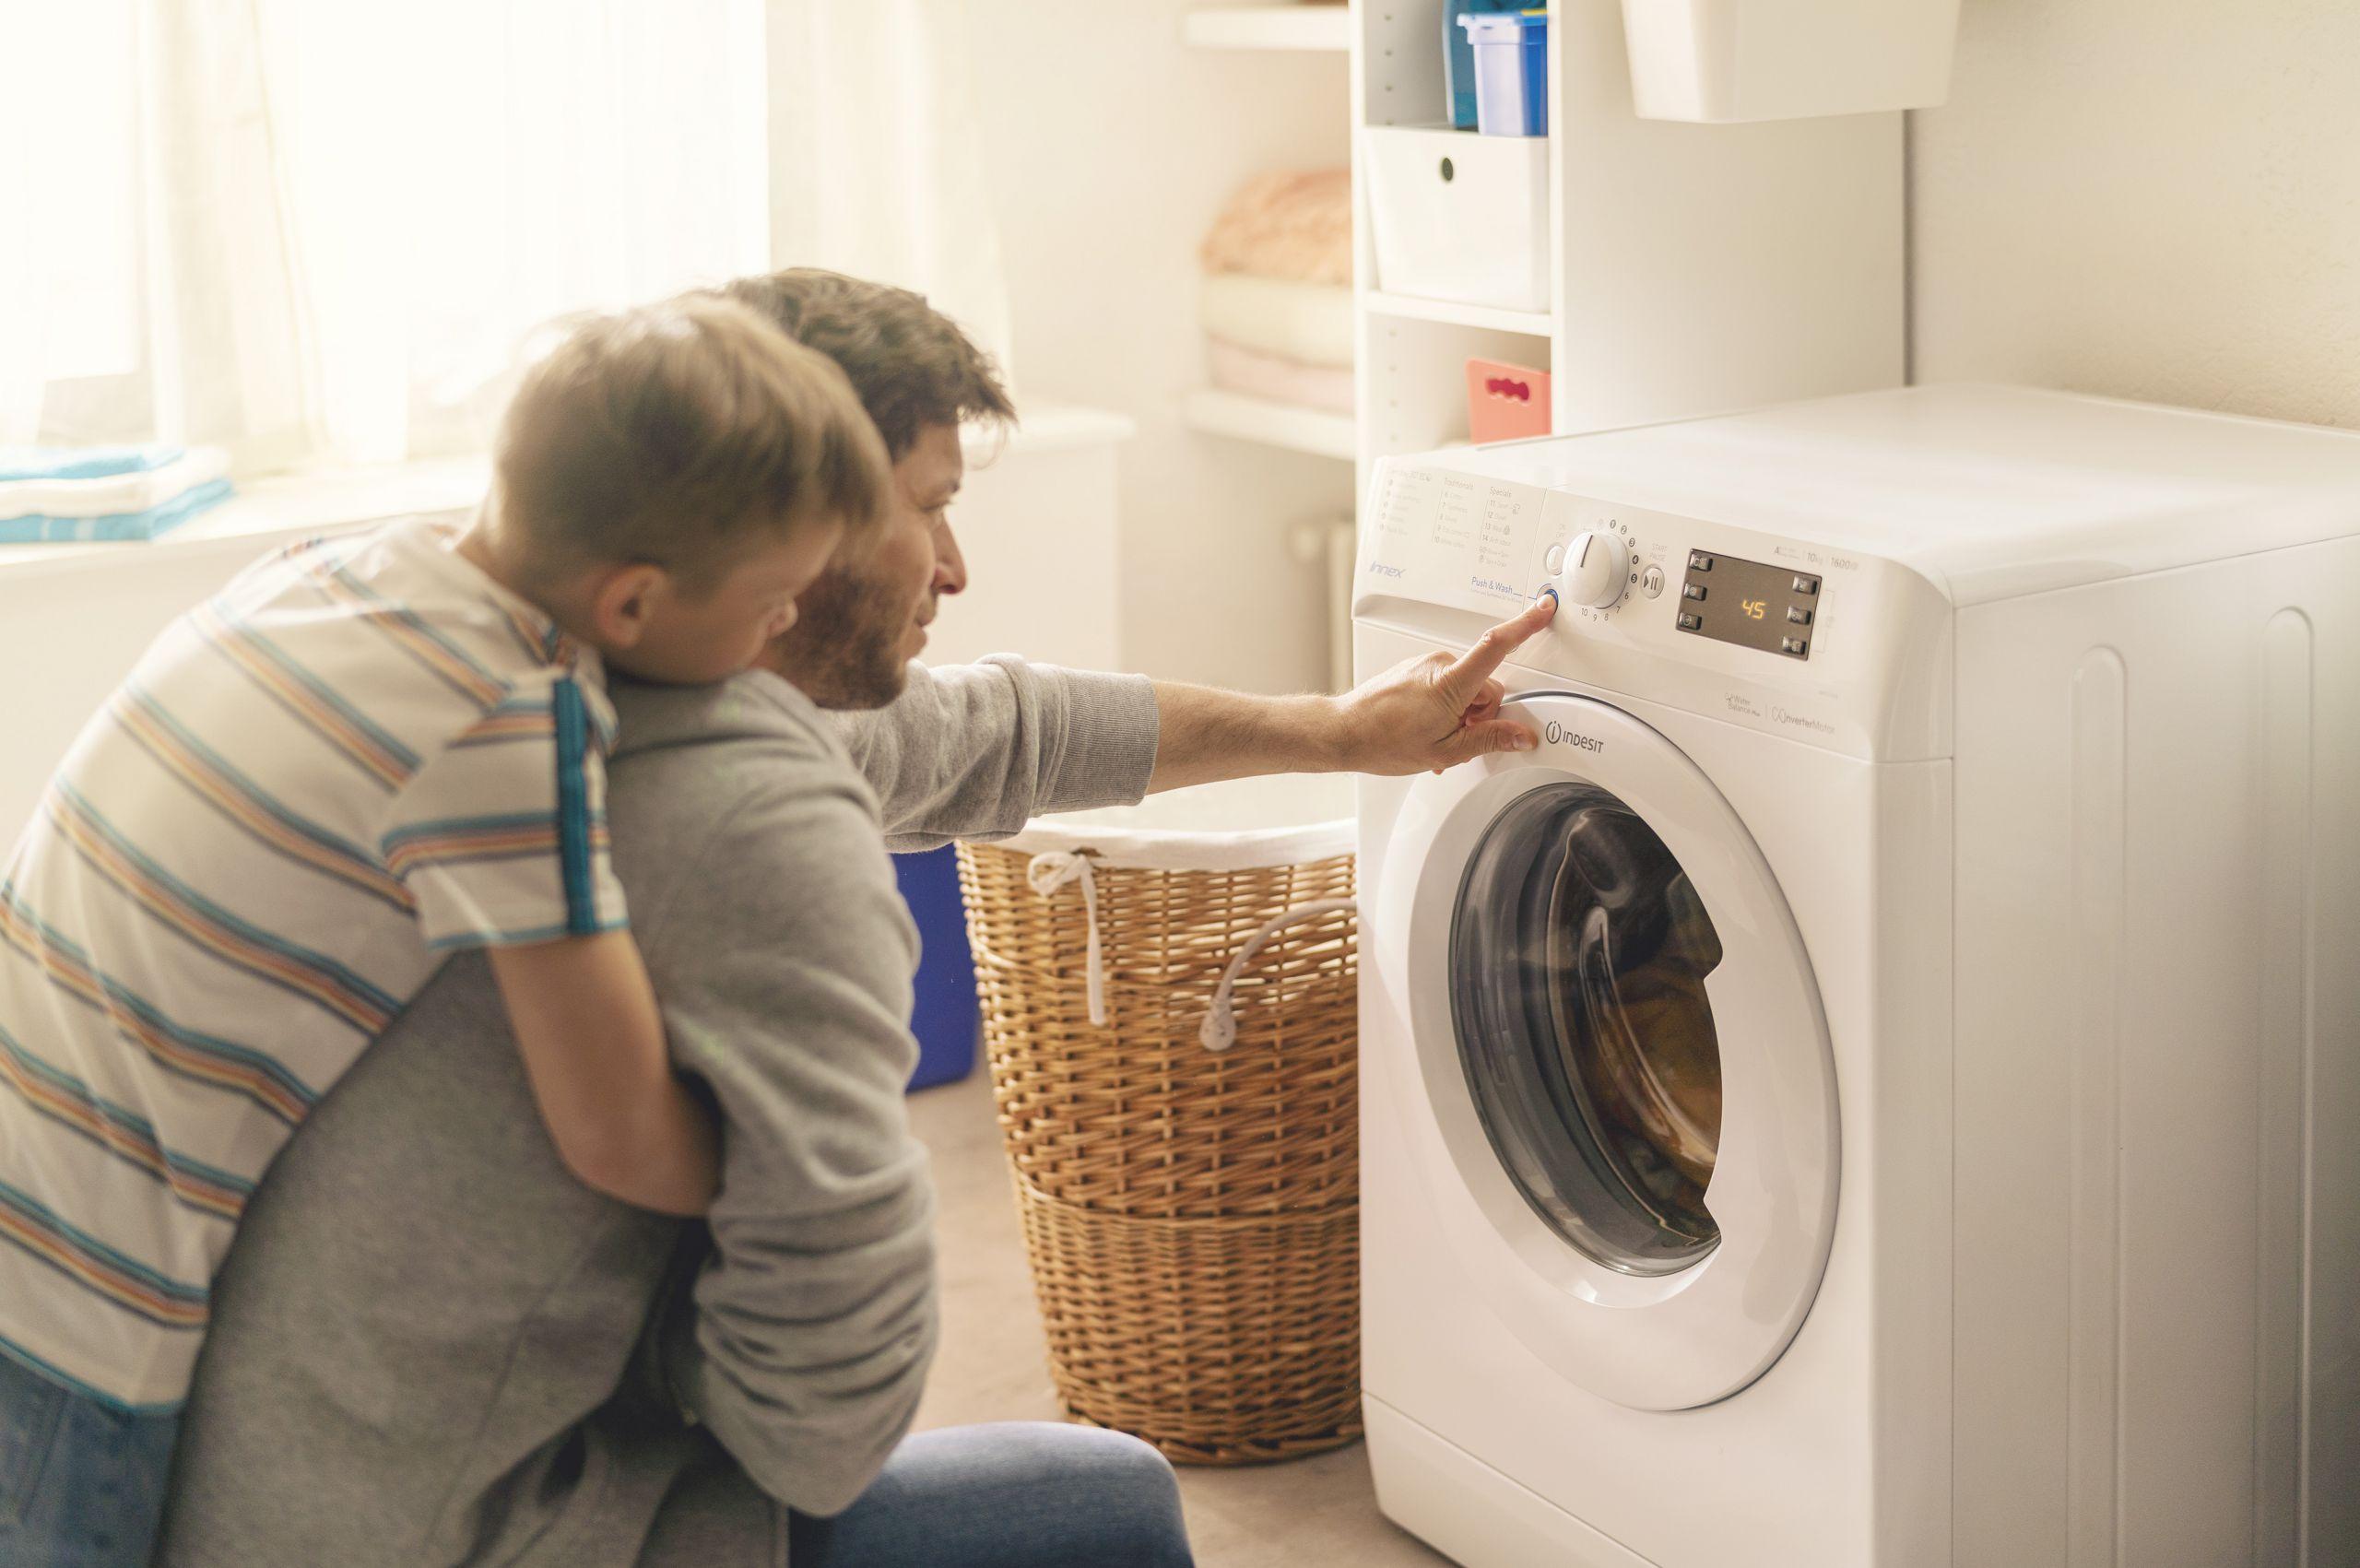 Сколько длится режим полоскания в стиральной машине